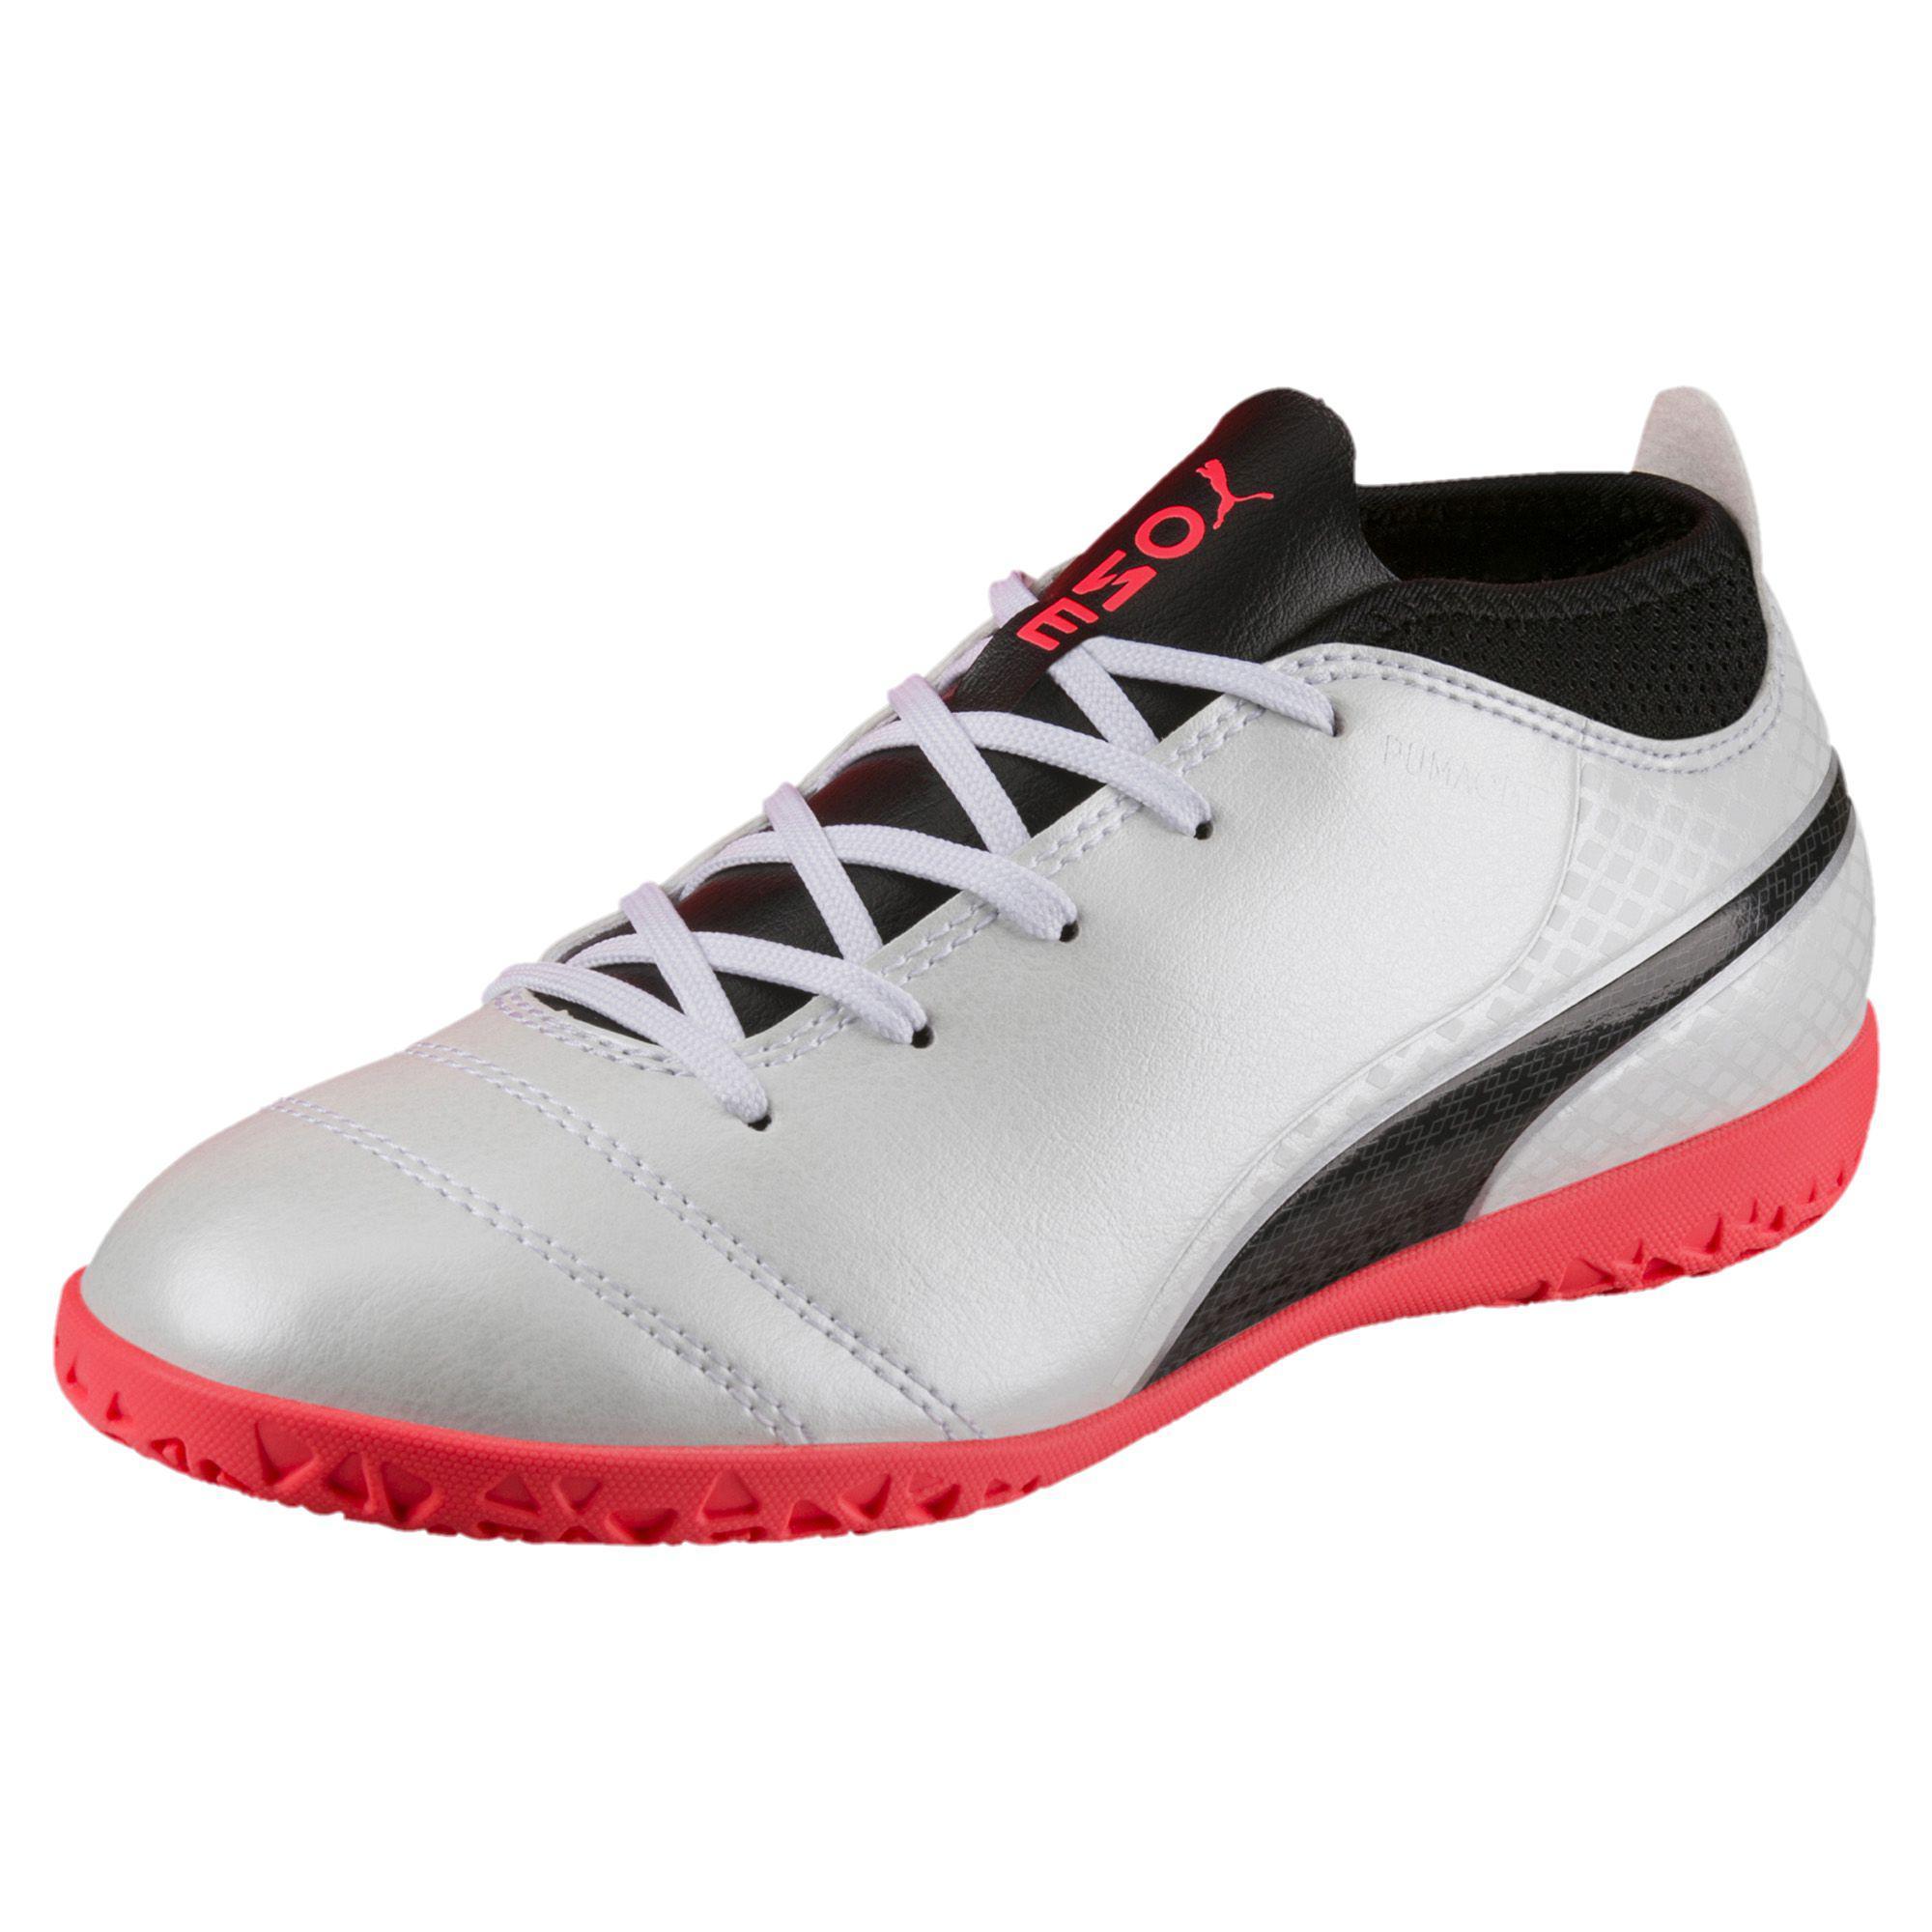 d02c78b48 PUMA One 17.4 It Jr Indoor Soccer Shoes - Lyst